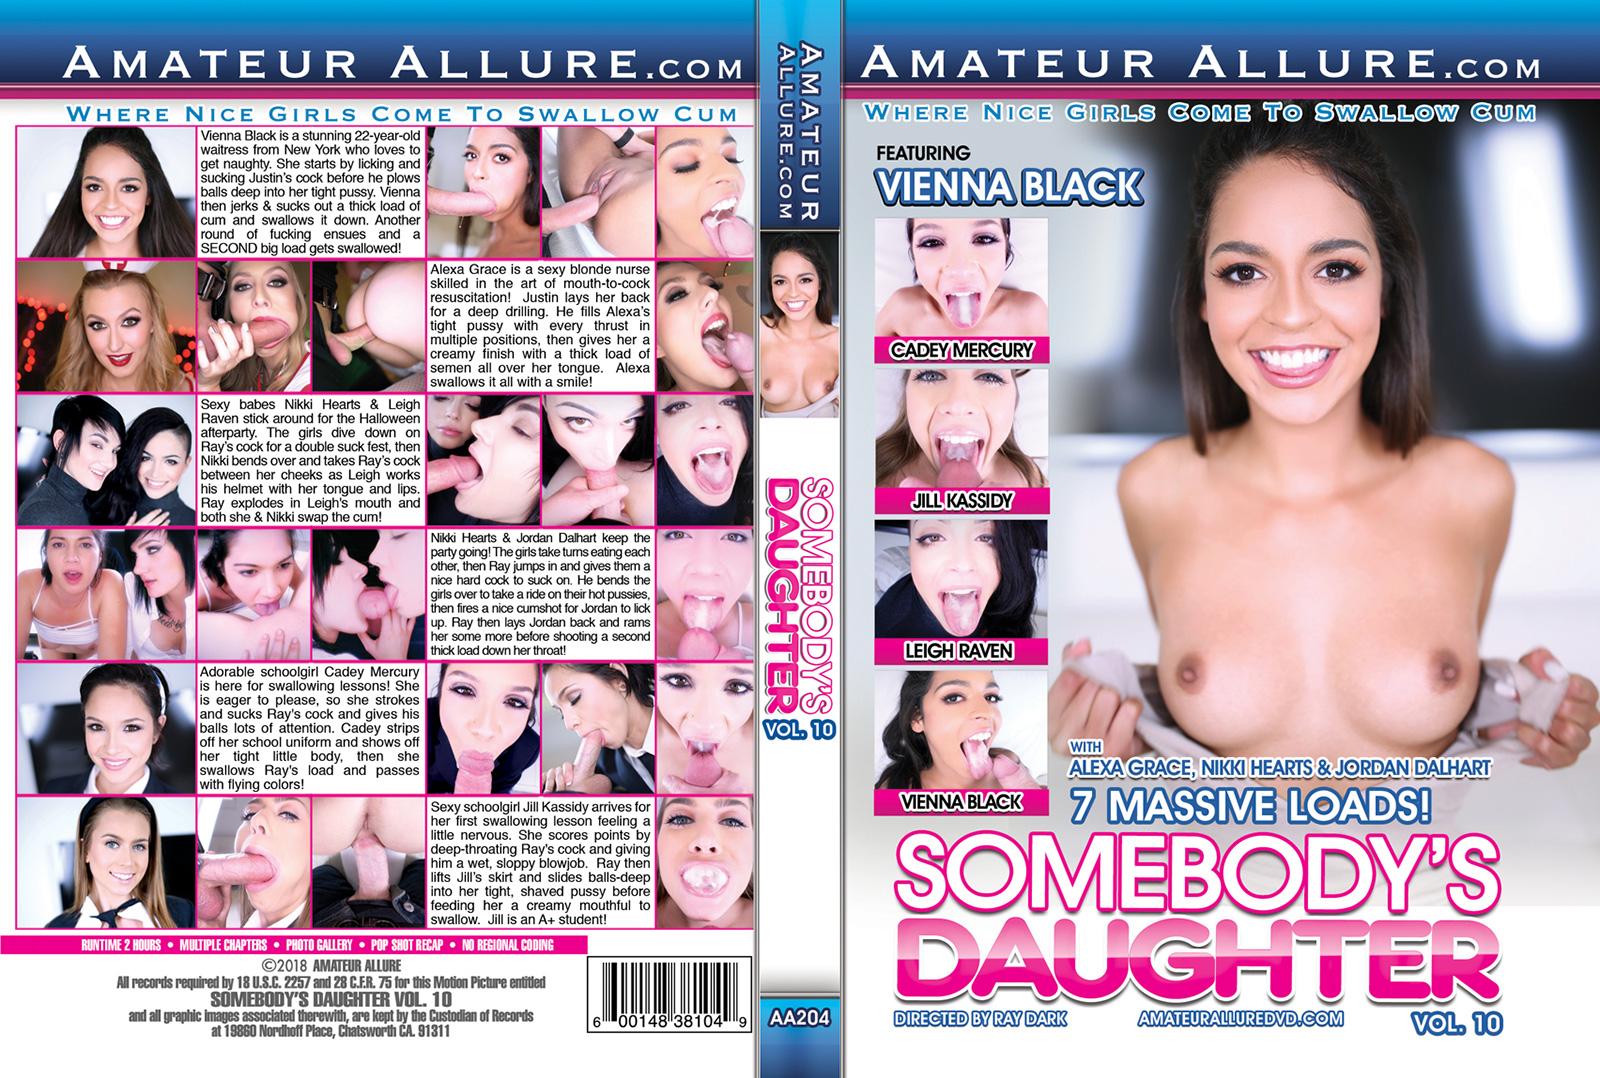 somebodys_daughter_10-dvd-large.jpg